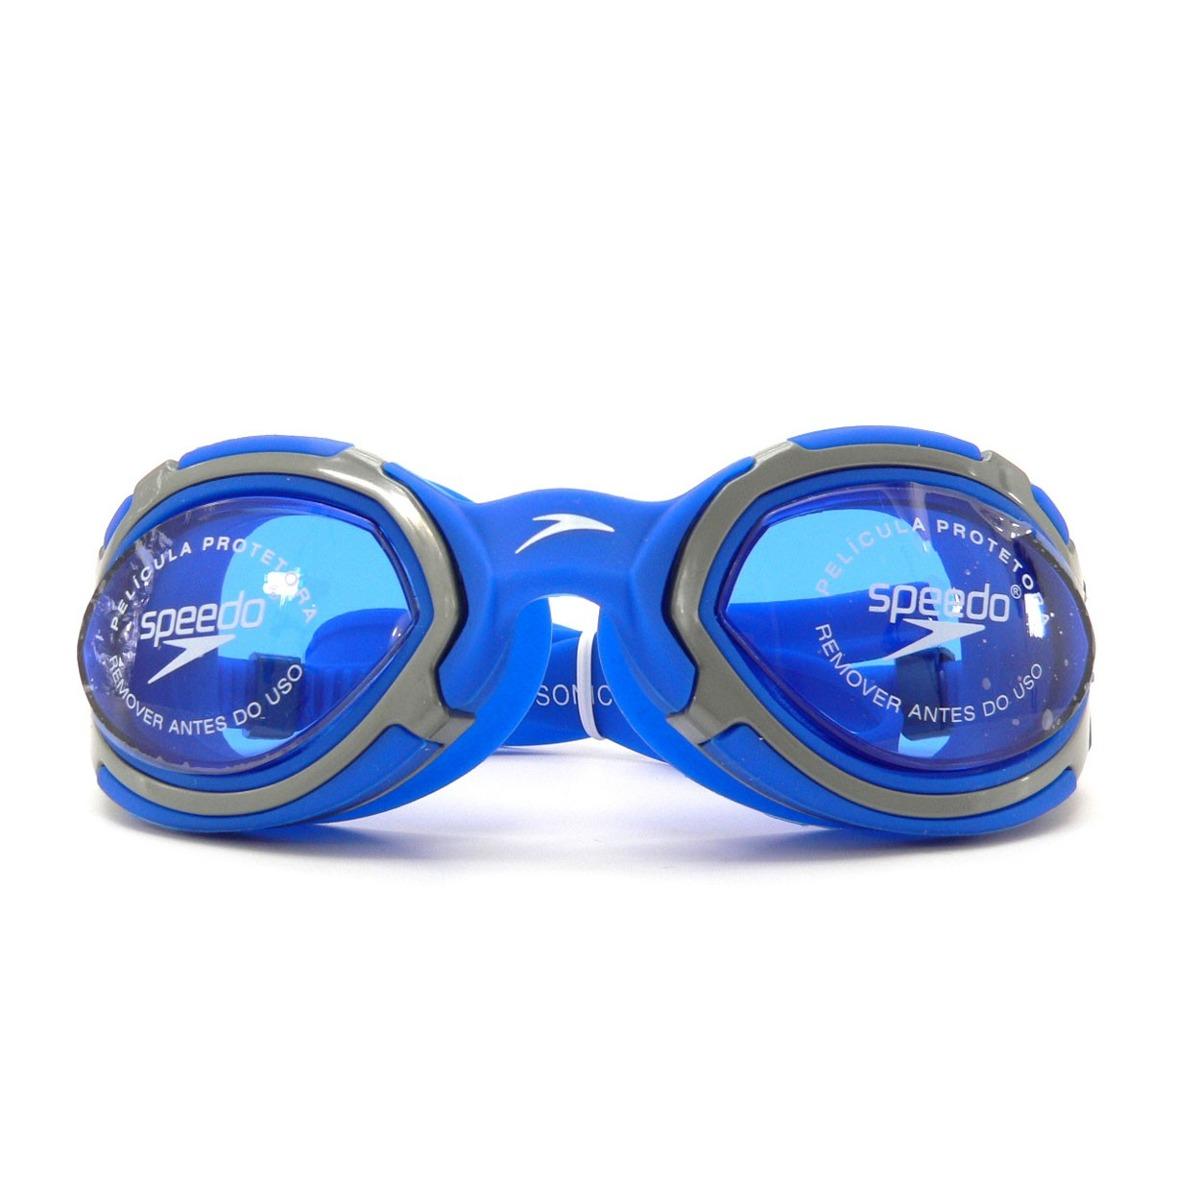 cd41fcc5c1d10 Óculos Natação Speedo Sonic Water Sports 509142 - R  59,90 em Mercado Livre